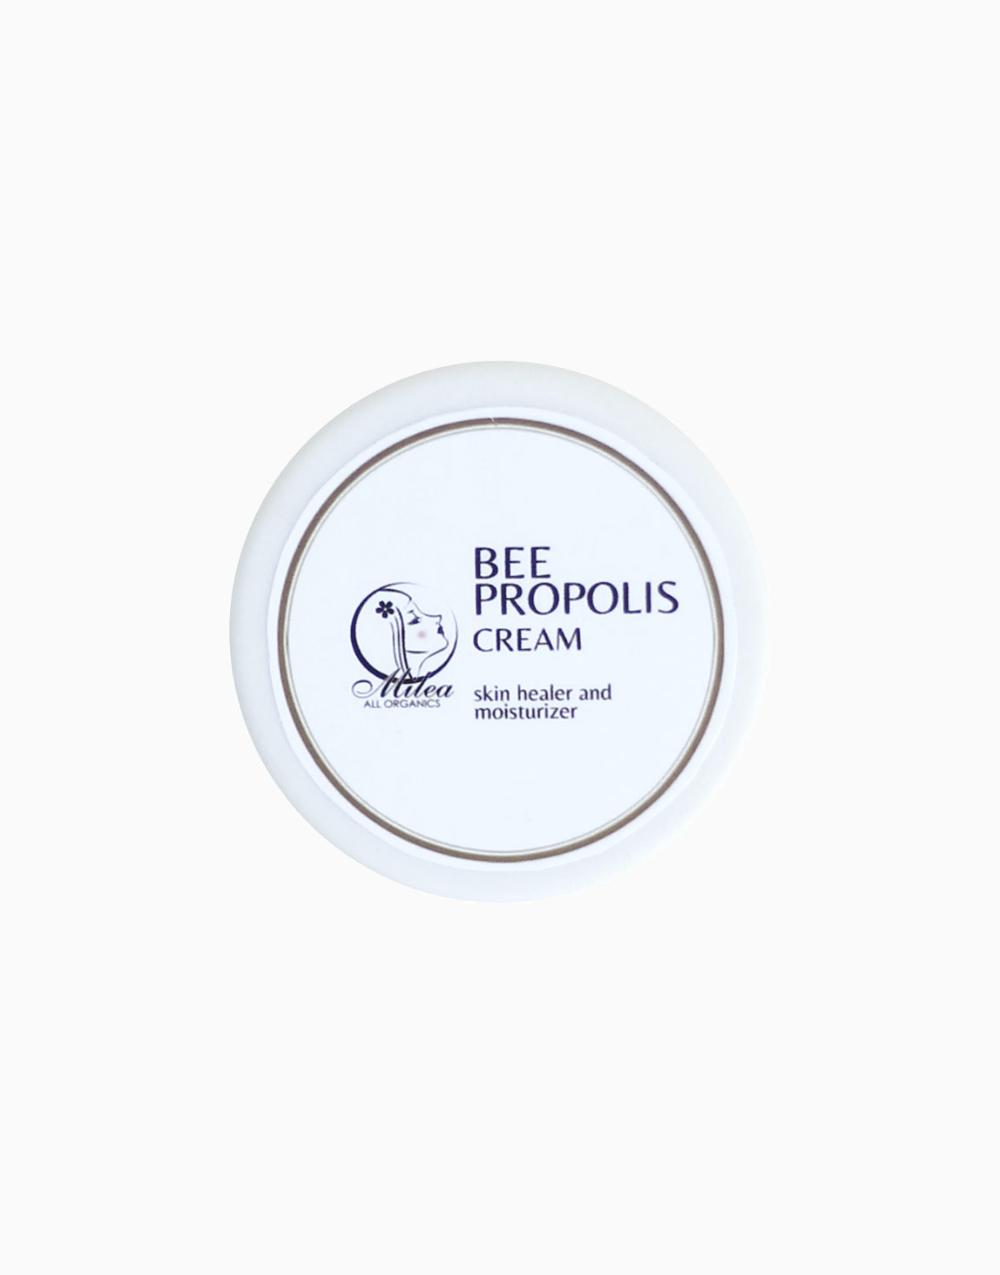 Bee Propolis Cream (10g) by Milea